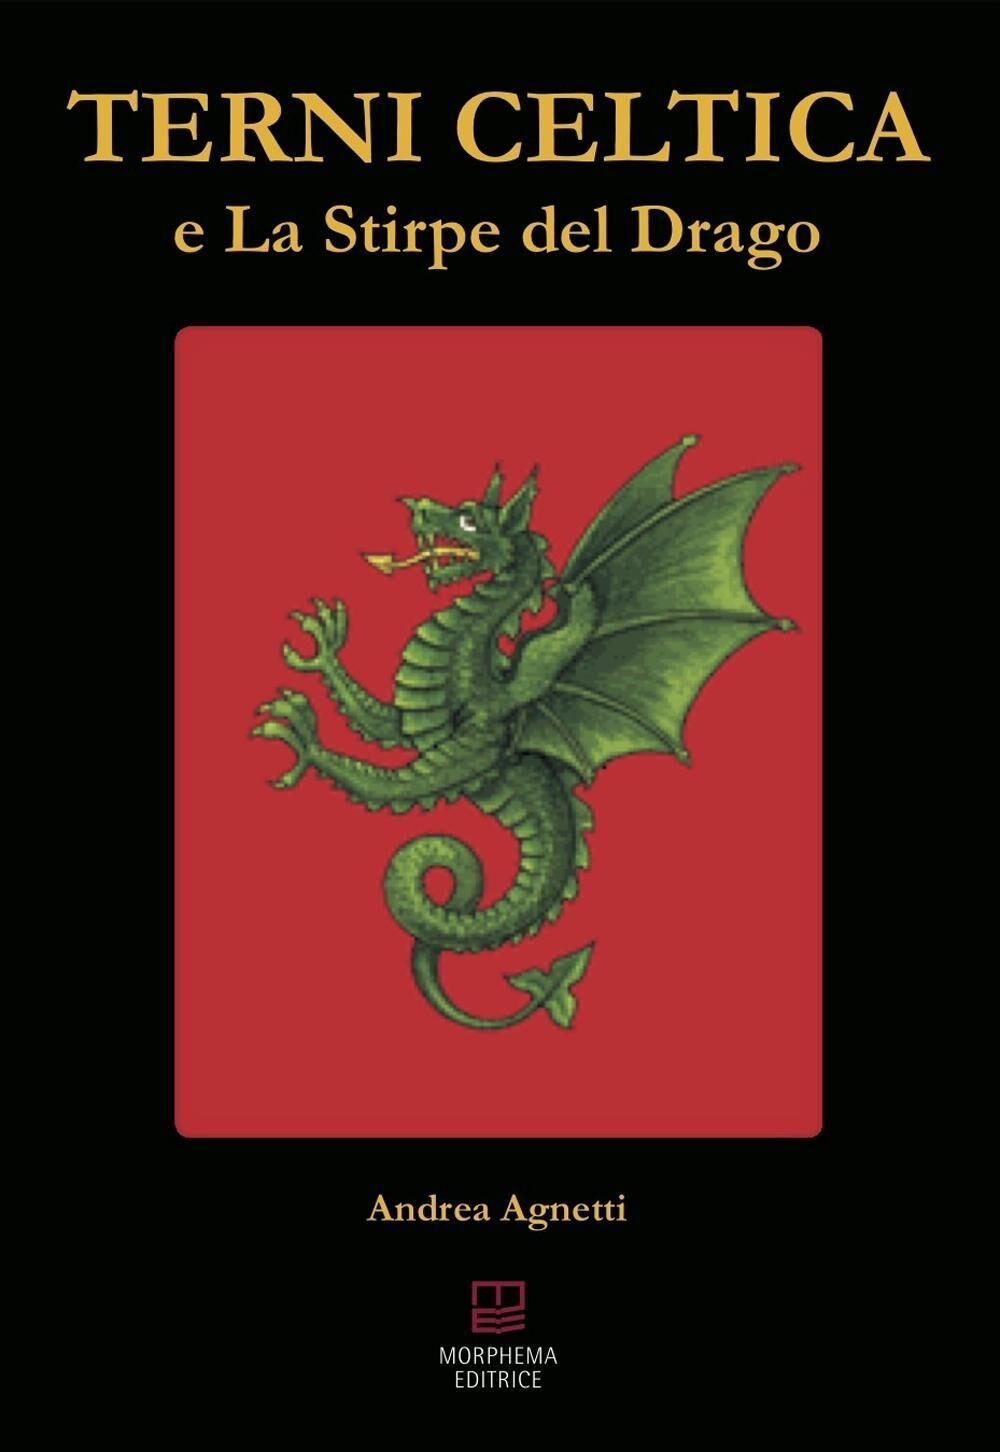 Terni celtica e la stirpe del drago